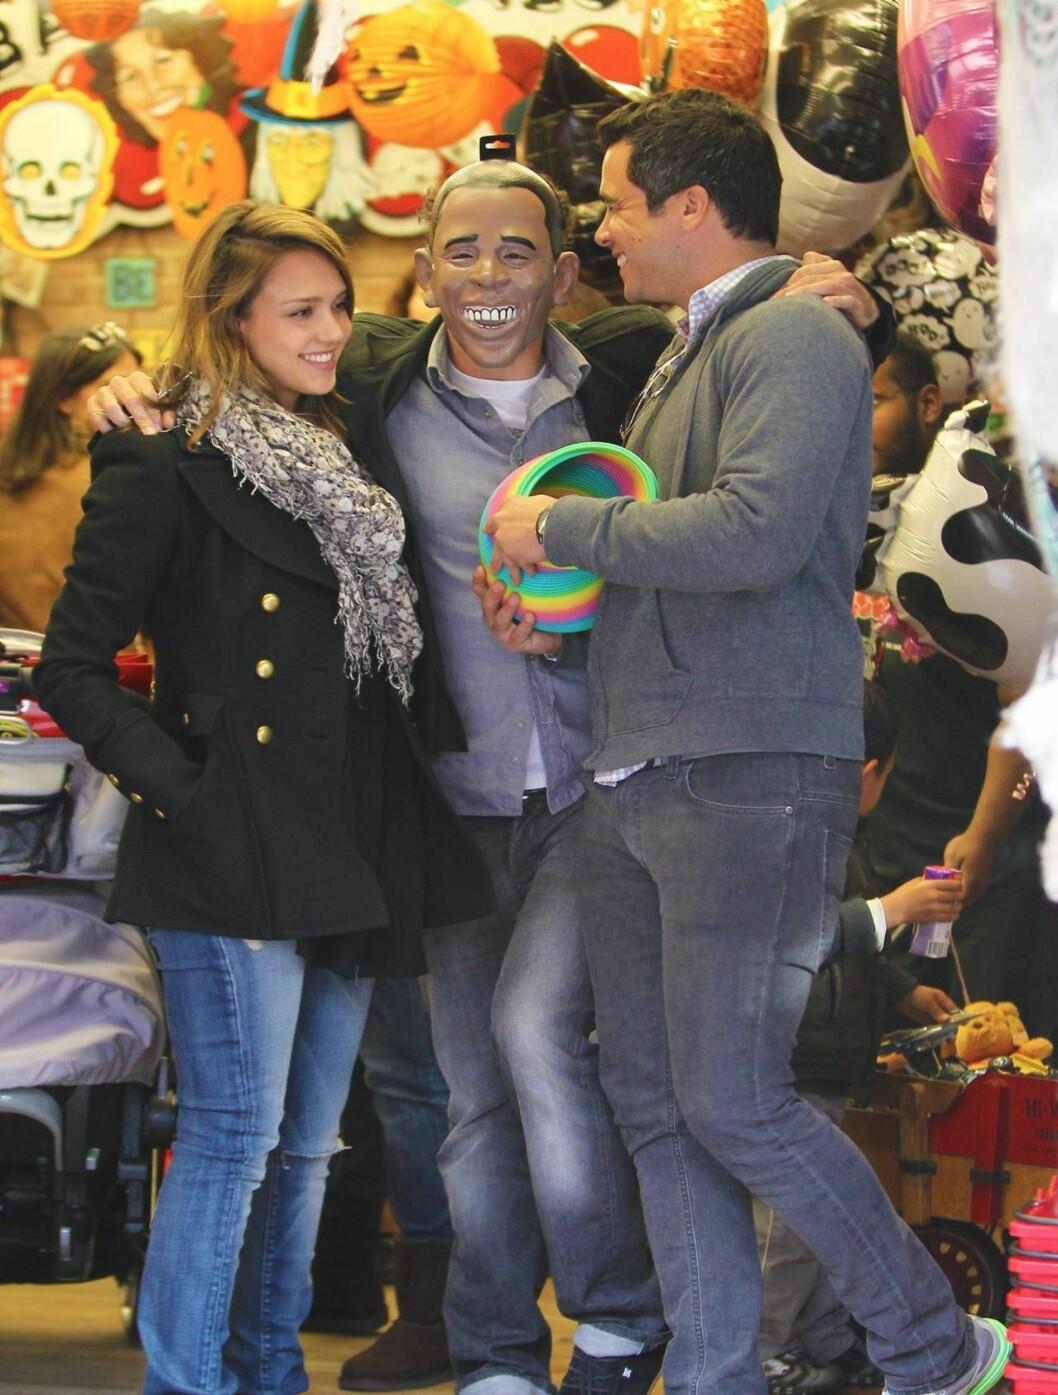 OBAMA: Jessica Alba og ektemannen Cash Warren handlet inn til halloween i helgen. Kanskje ble Warren inspirert av kompisen til å gå med Barack Obama-maske på festen senere på kvelden?  Foto: All Over Press